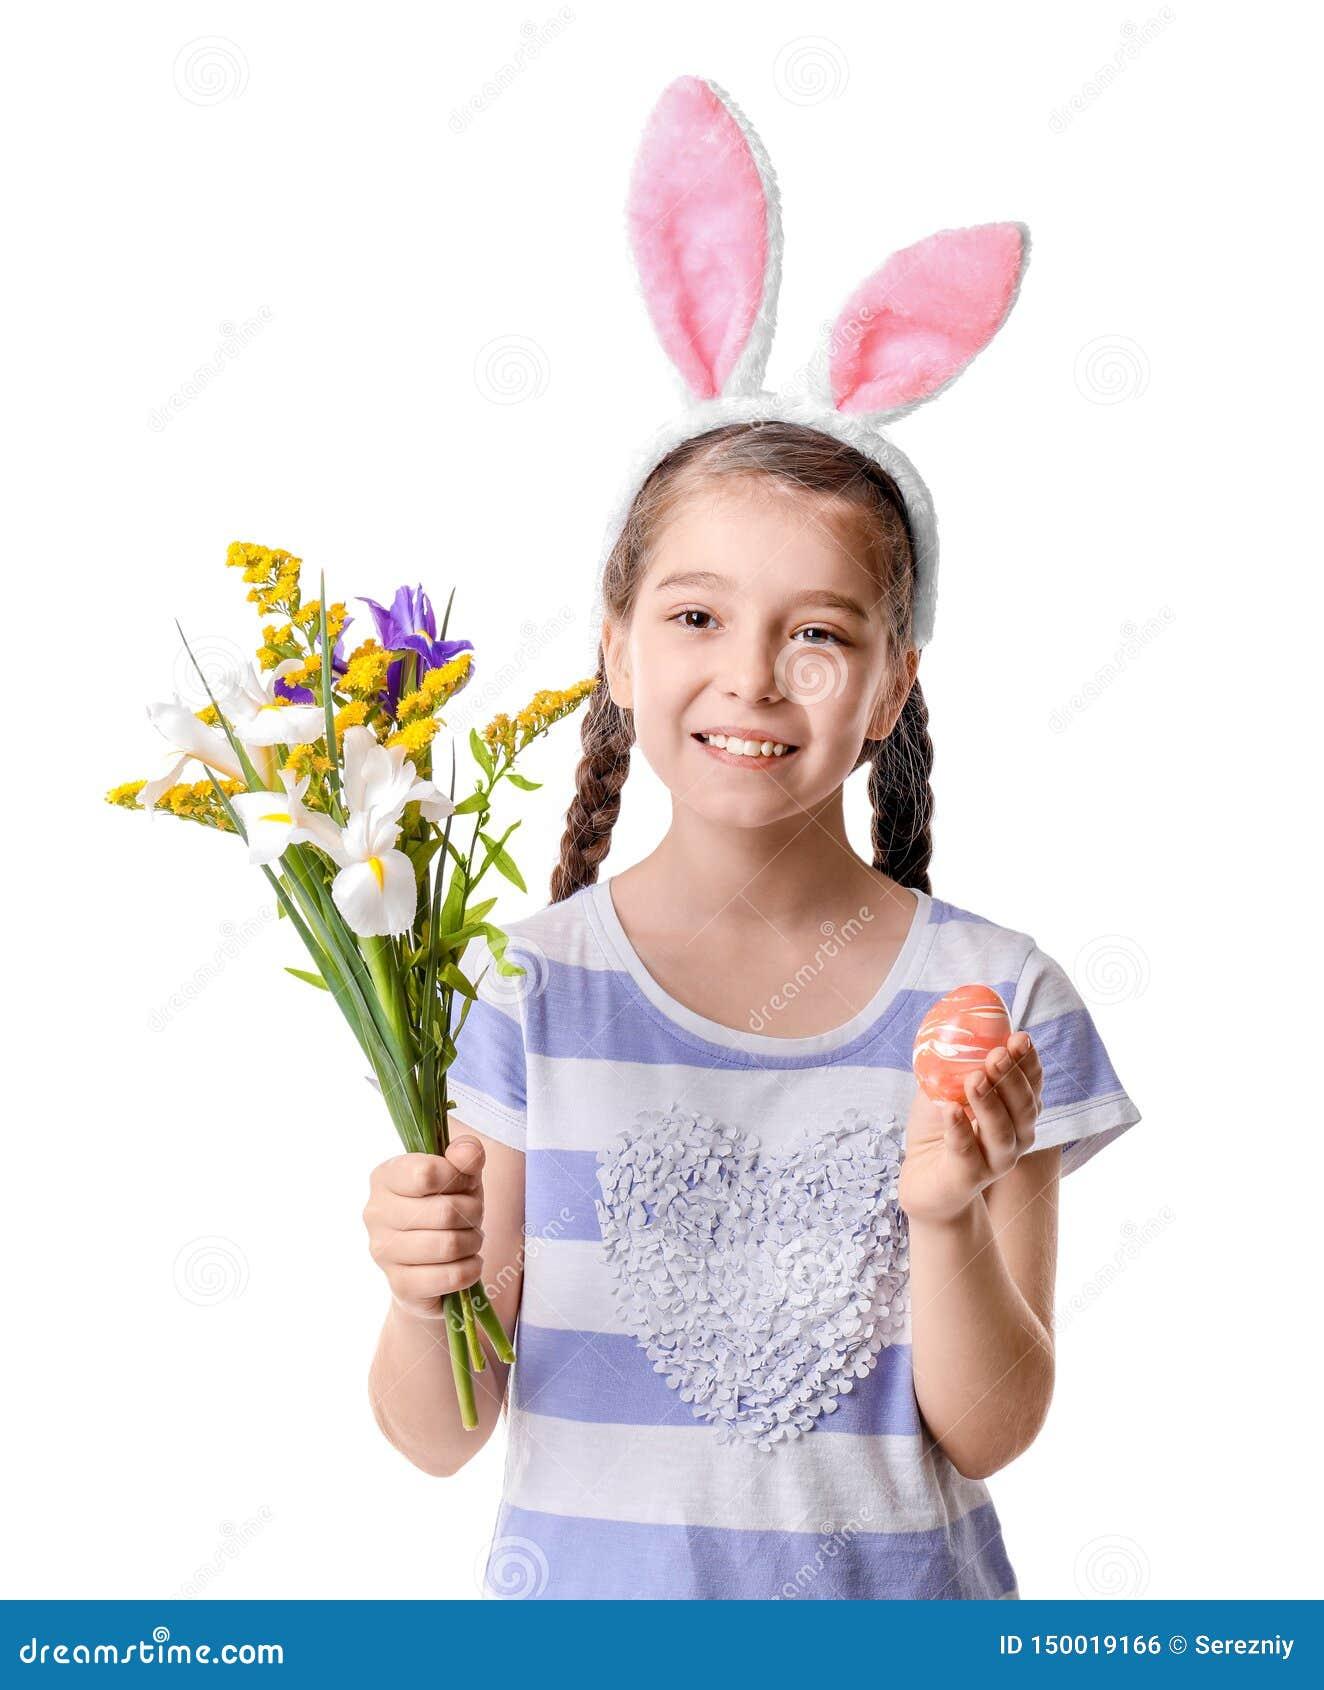 Petite fille mignonne avec des oreilles de lapin tenant de beaux fleurs et oeuf de pâques sur le fond blanc